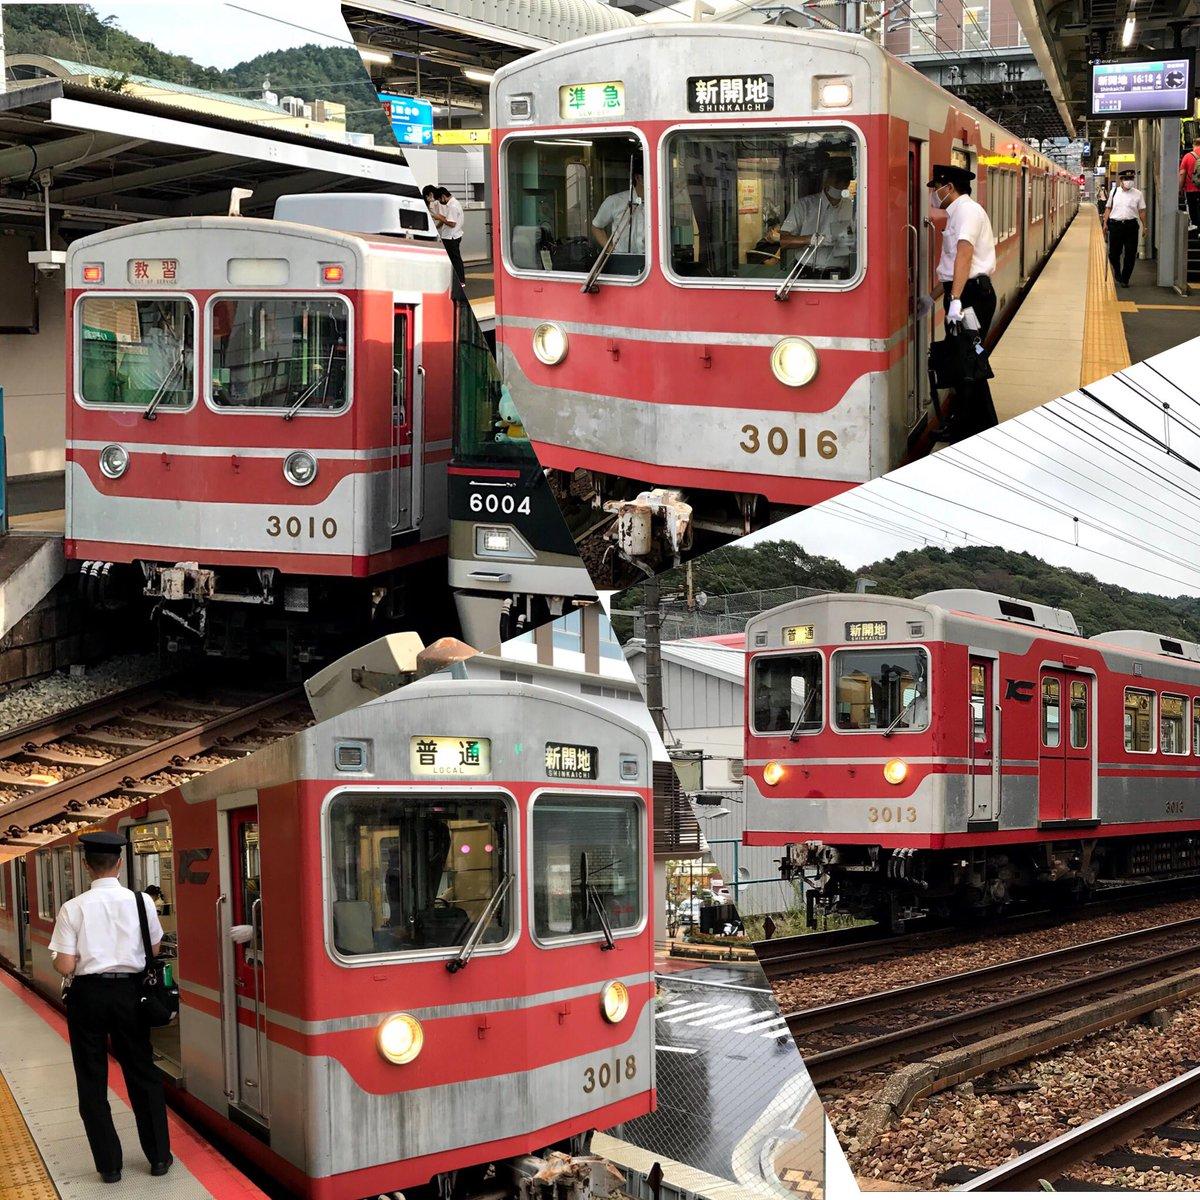 test ツイッターメディア - 今はレアになった3000系のハロゲン #神戸電鉄#ハロゲン好きと繋がりたい https://t.co/OiewuEL3mf